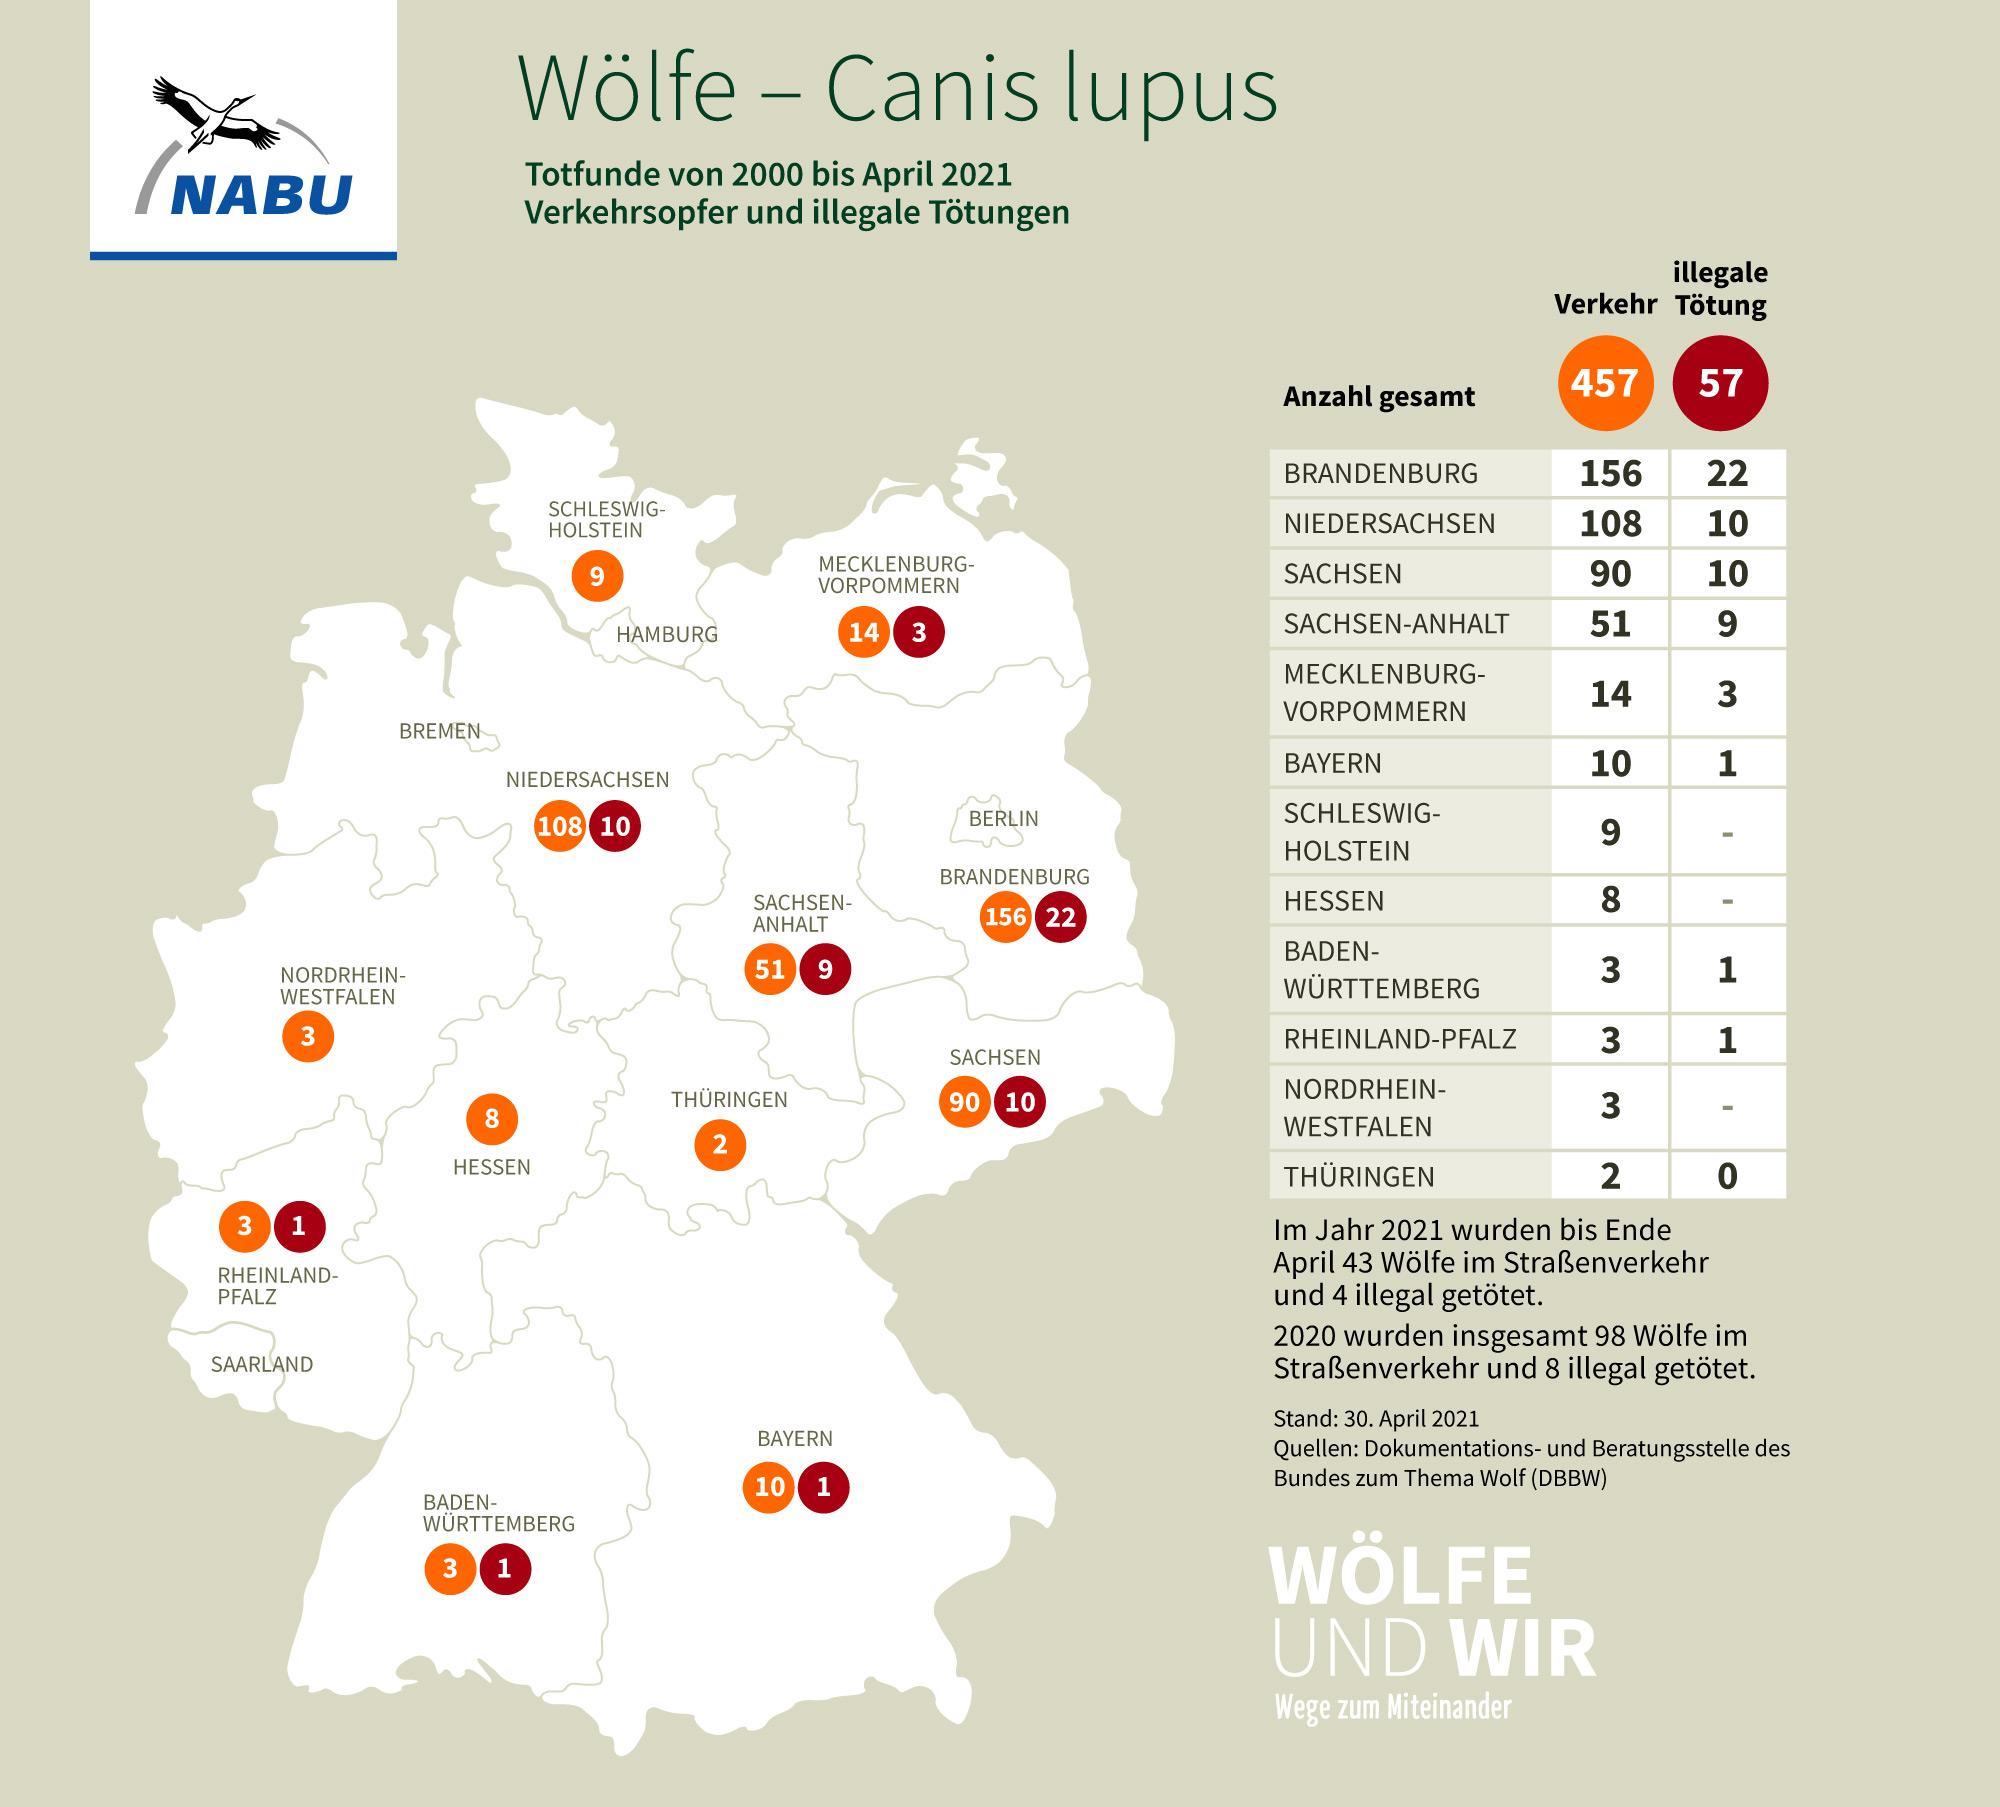 Totfunde von Wölfen in Deutschlandvon 2000 bis April 2021